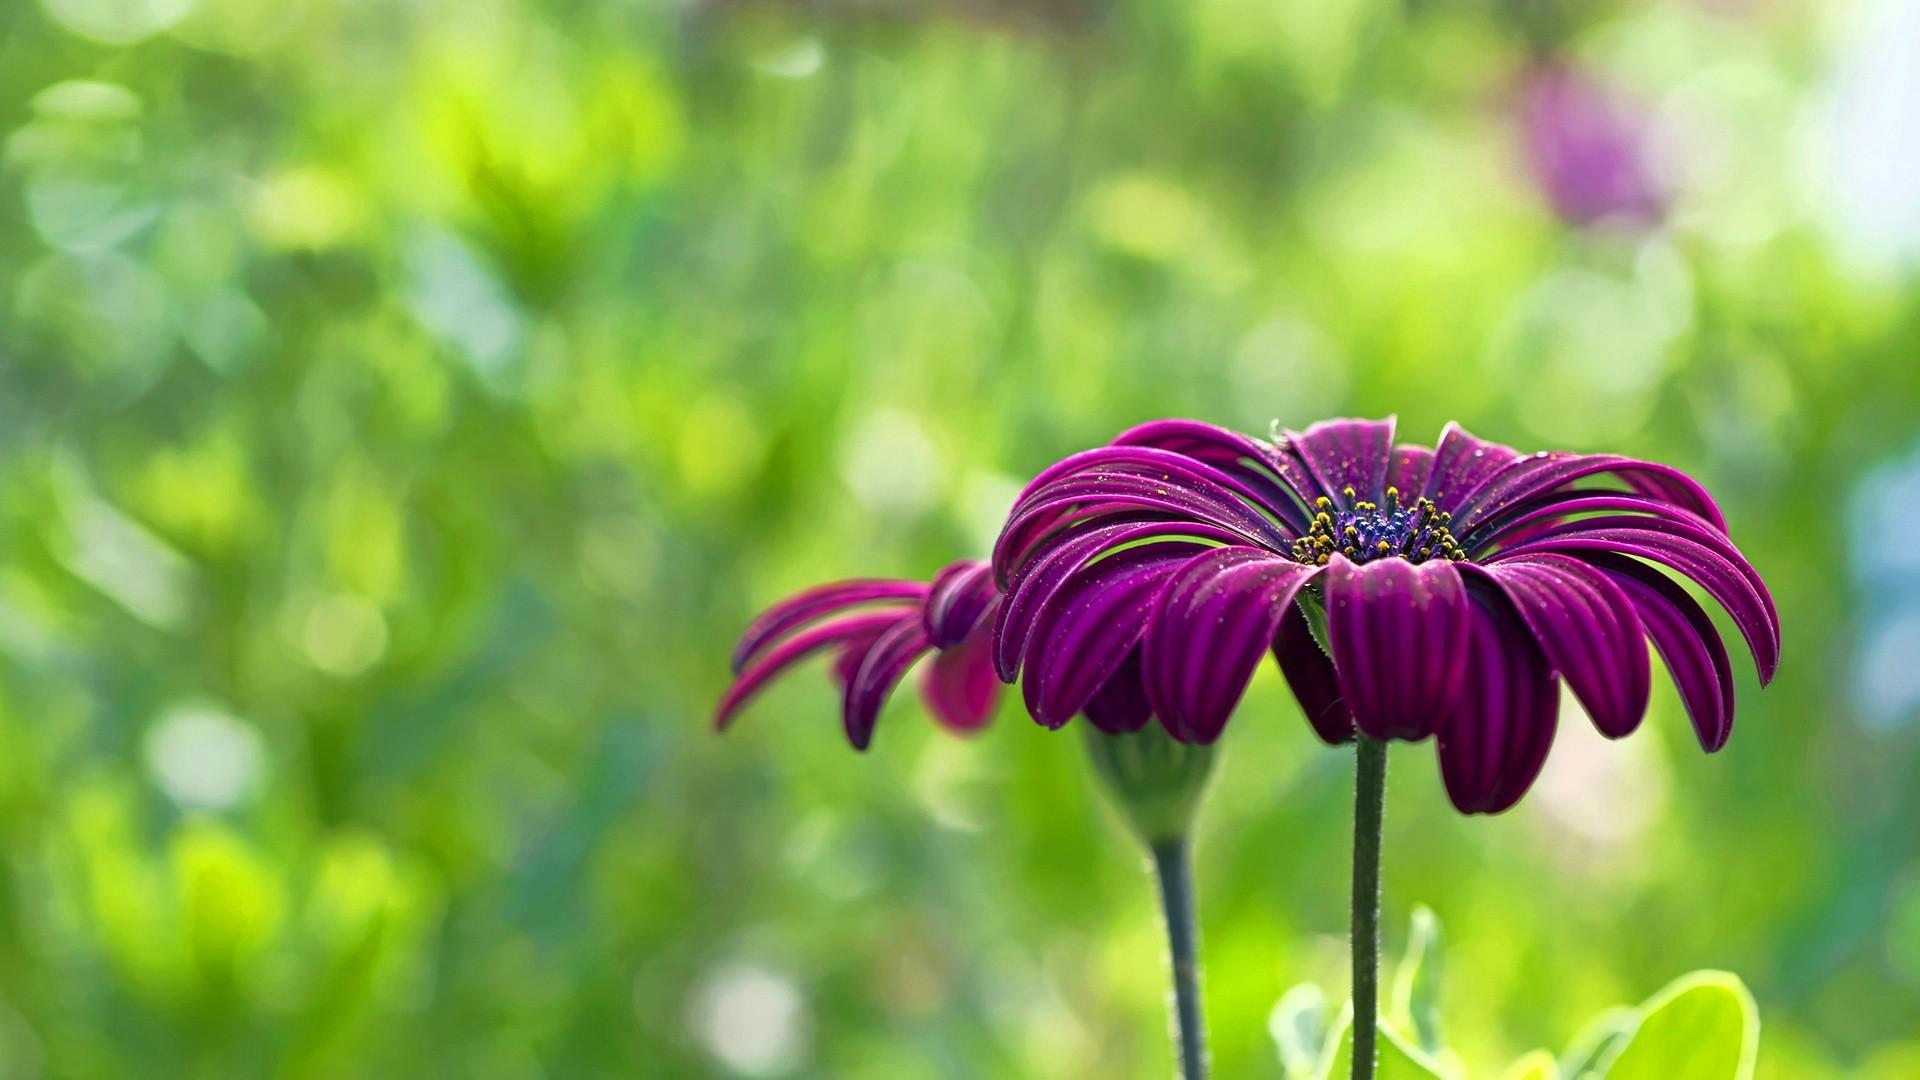 Res: 1920x1080, 9. summer-flower-wallpaper9-600x338